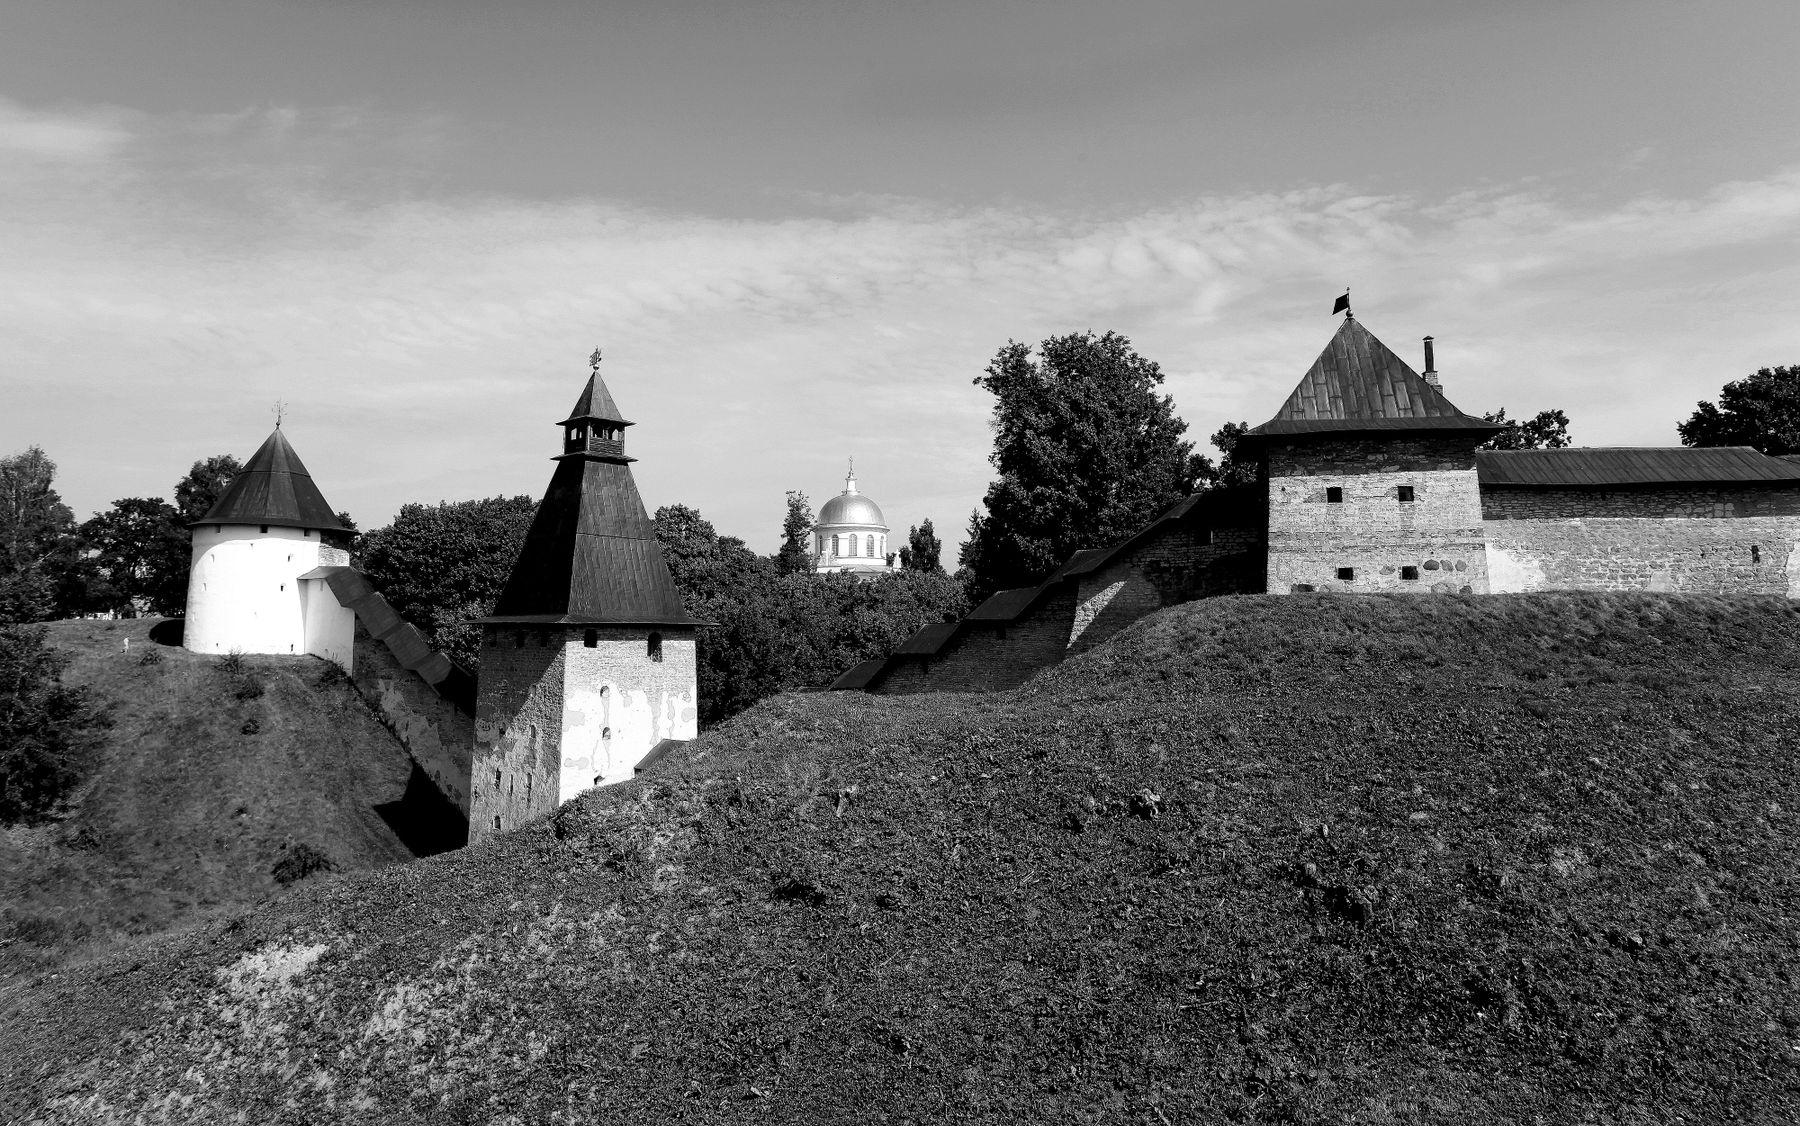 Псково-Печерский монастырь Псково-Печерский монастырь Михайловский собор башни крепость